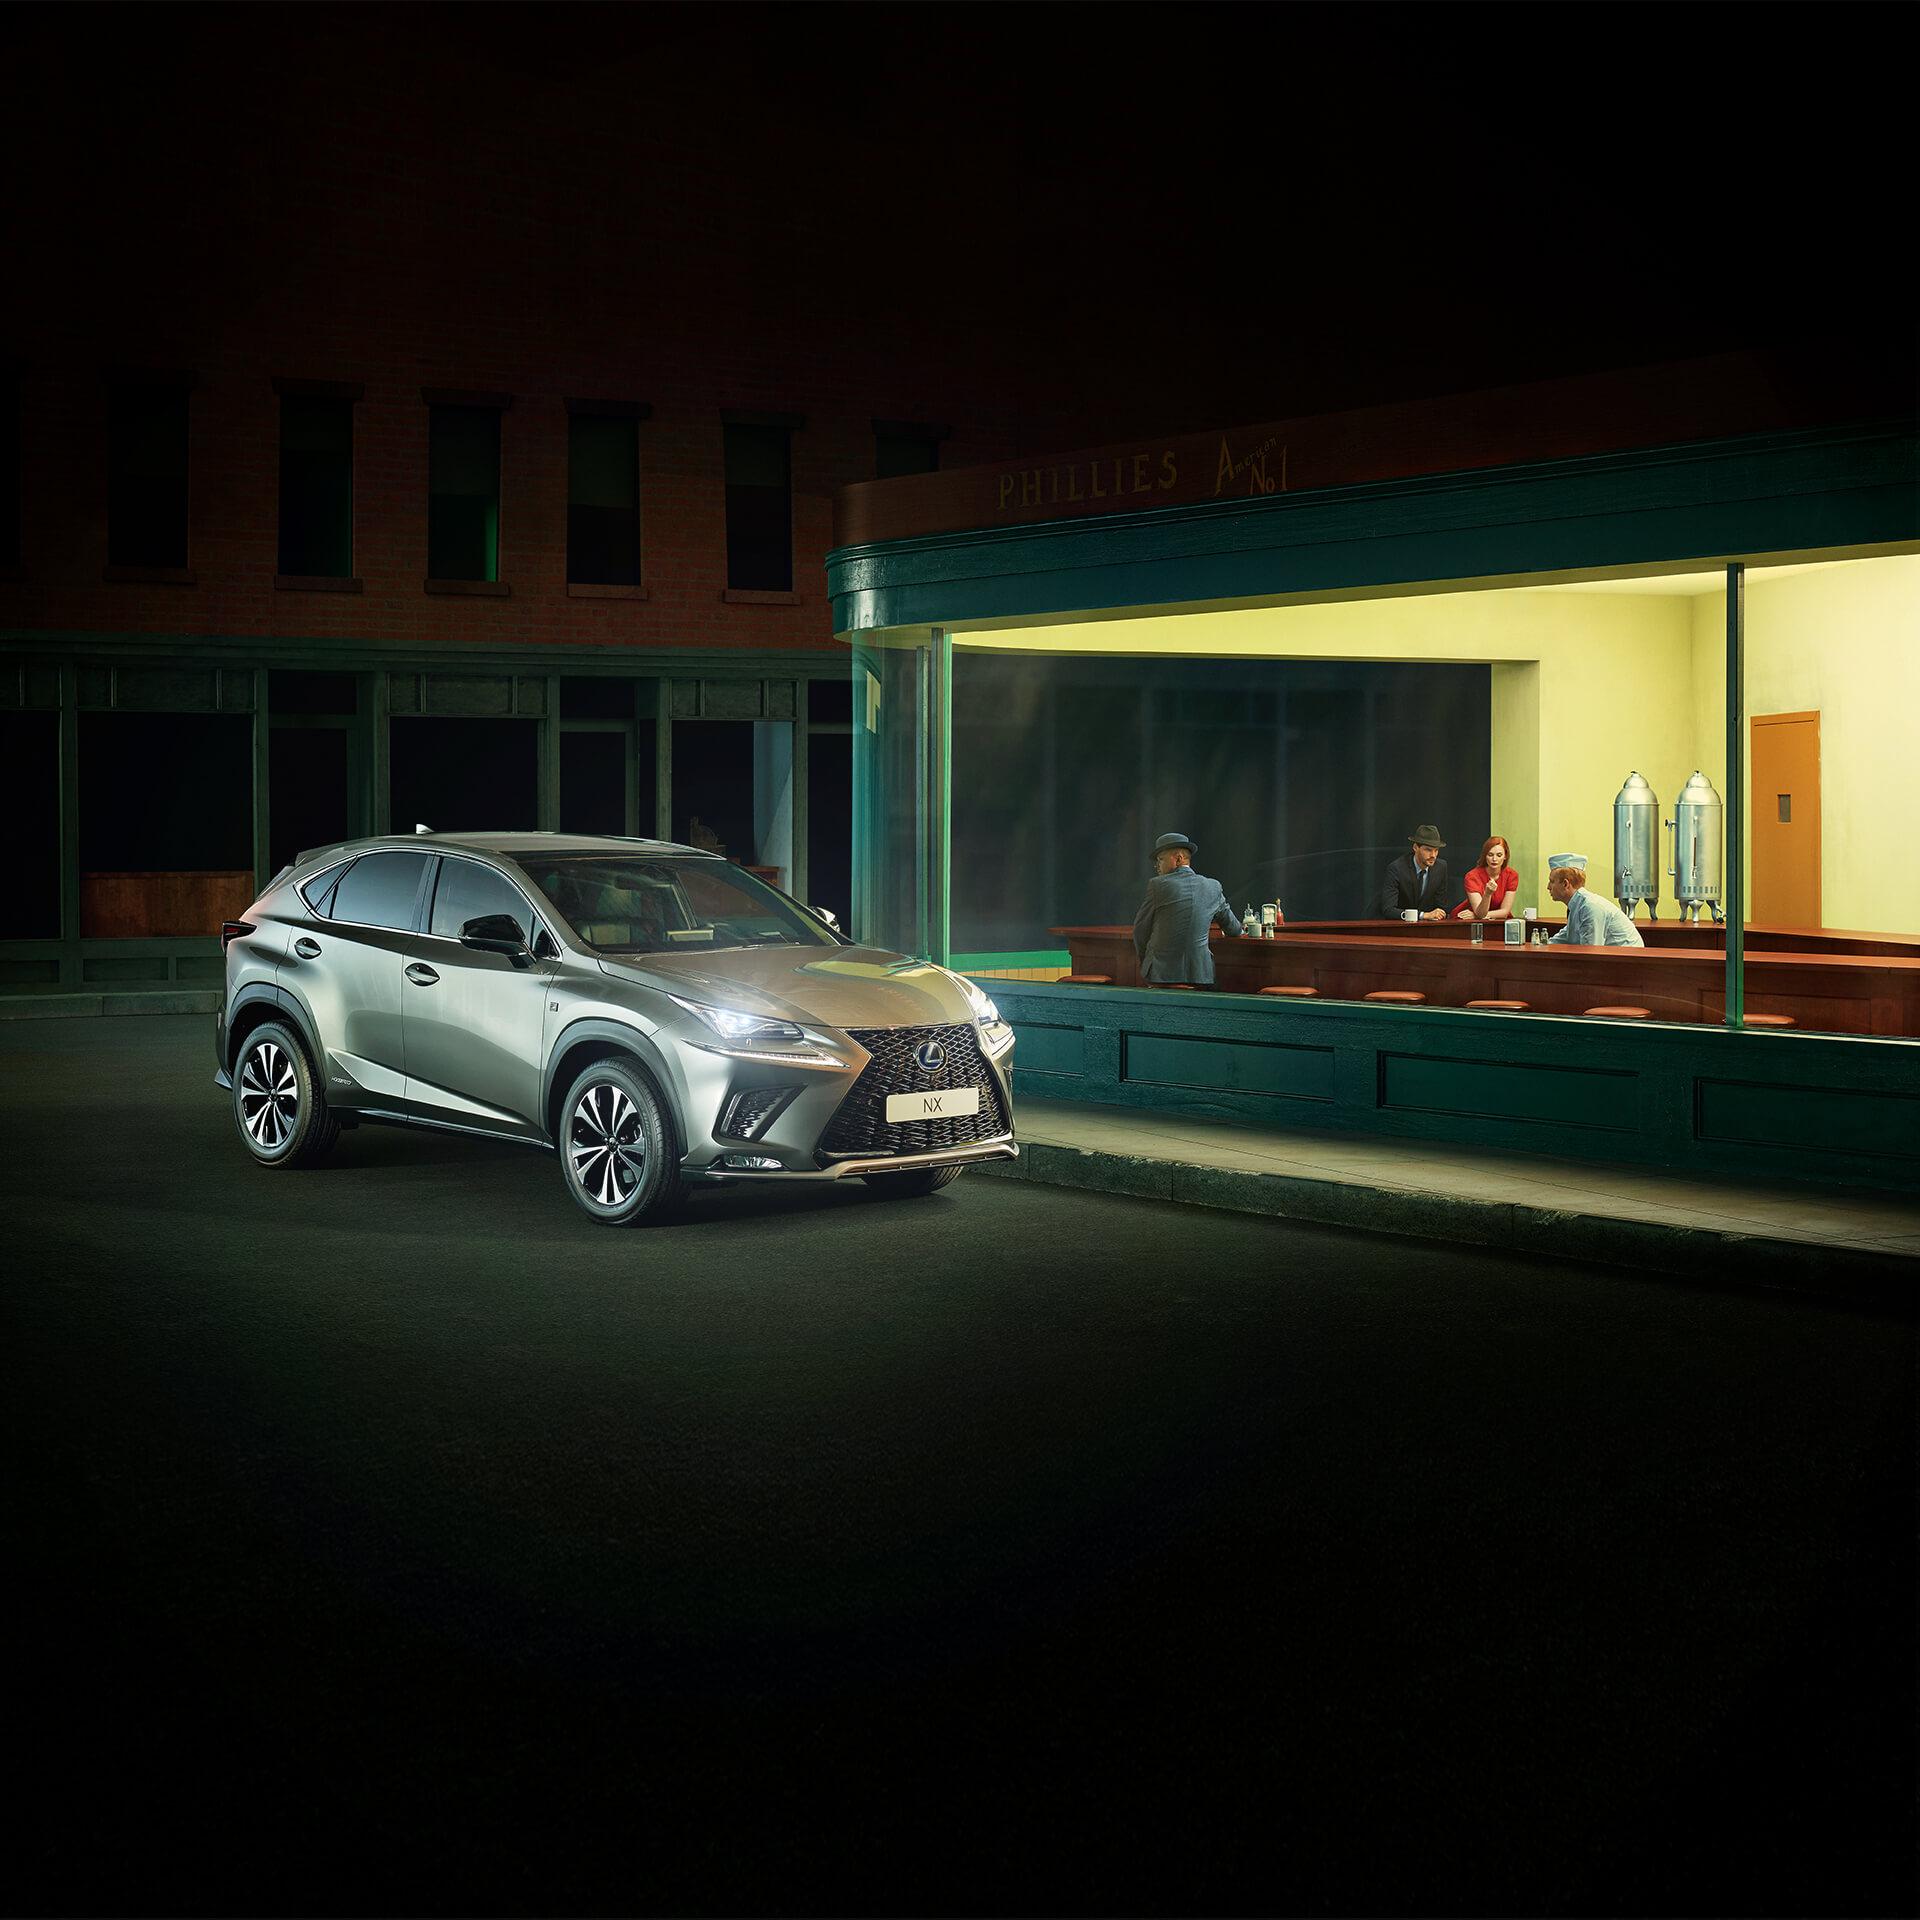 Lexus NX selvladende hybrid parkert utenfor en cafe